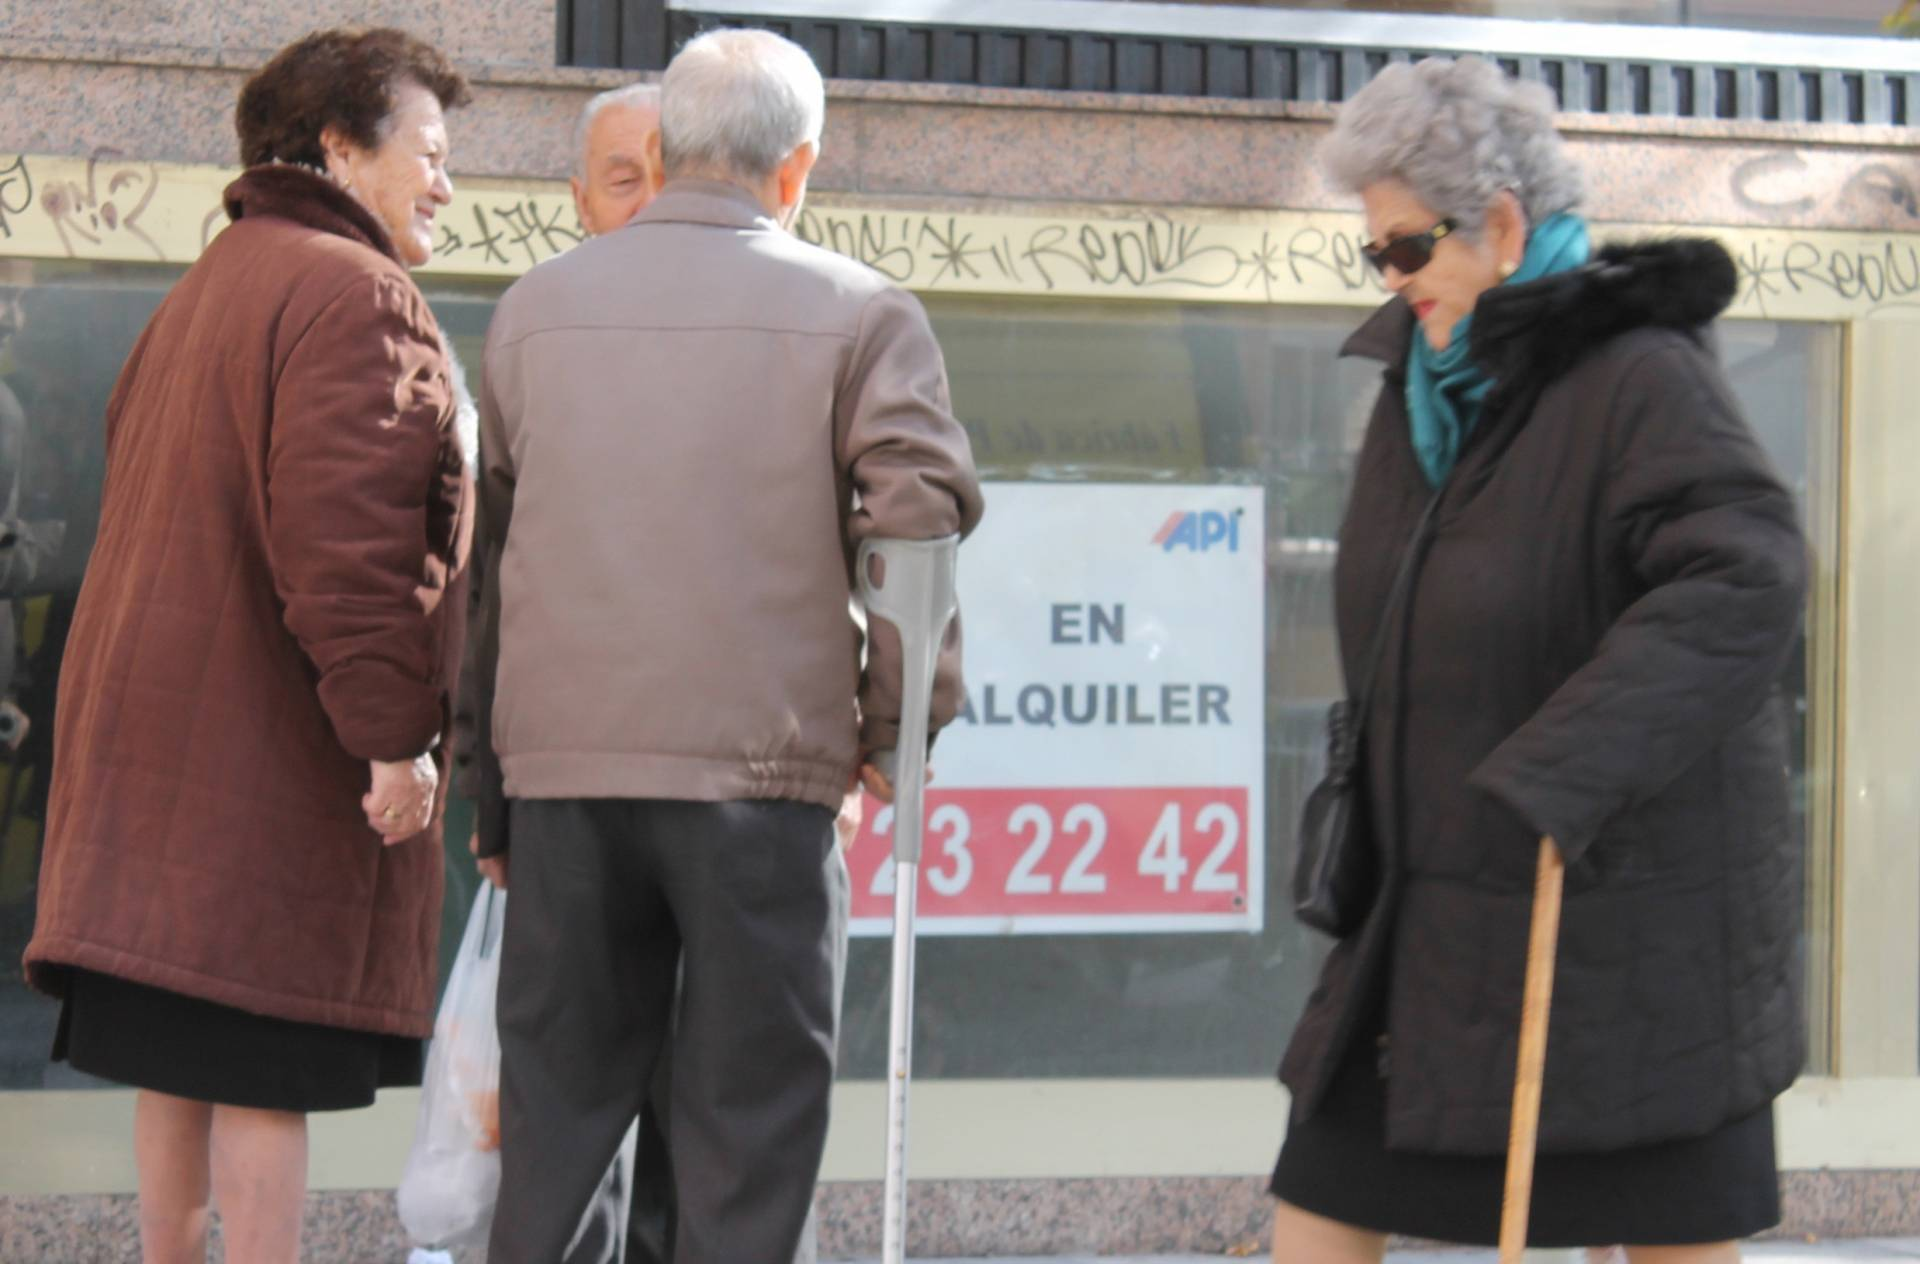 La venta de viviendas y patrimonio para completar la pensión se dispara un 70%